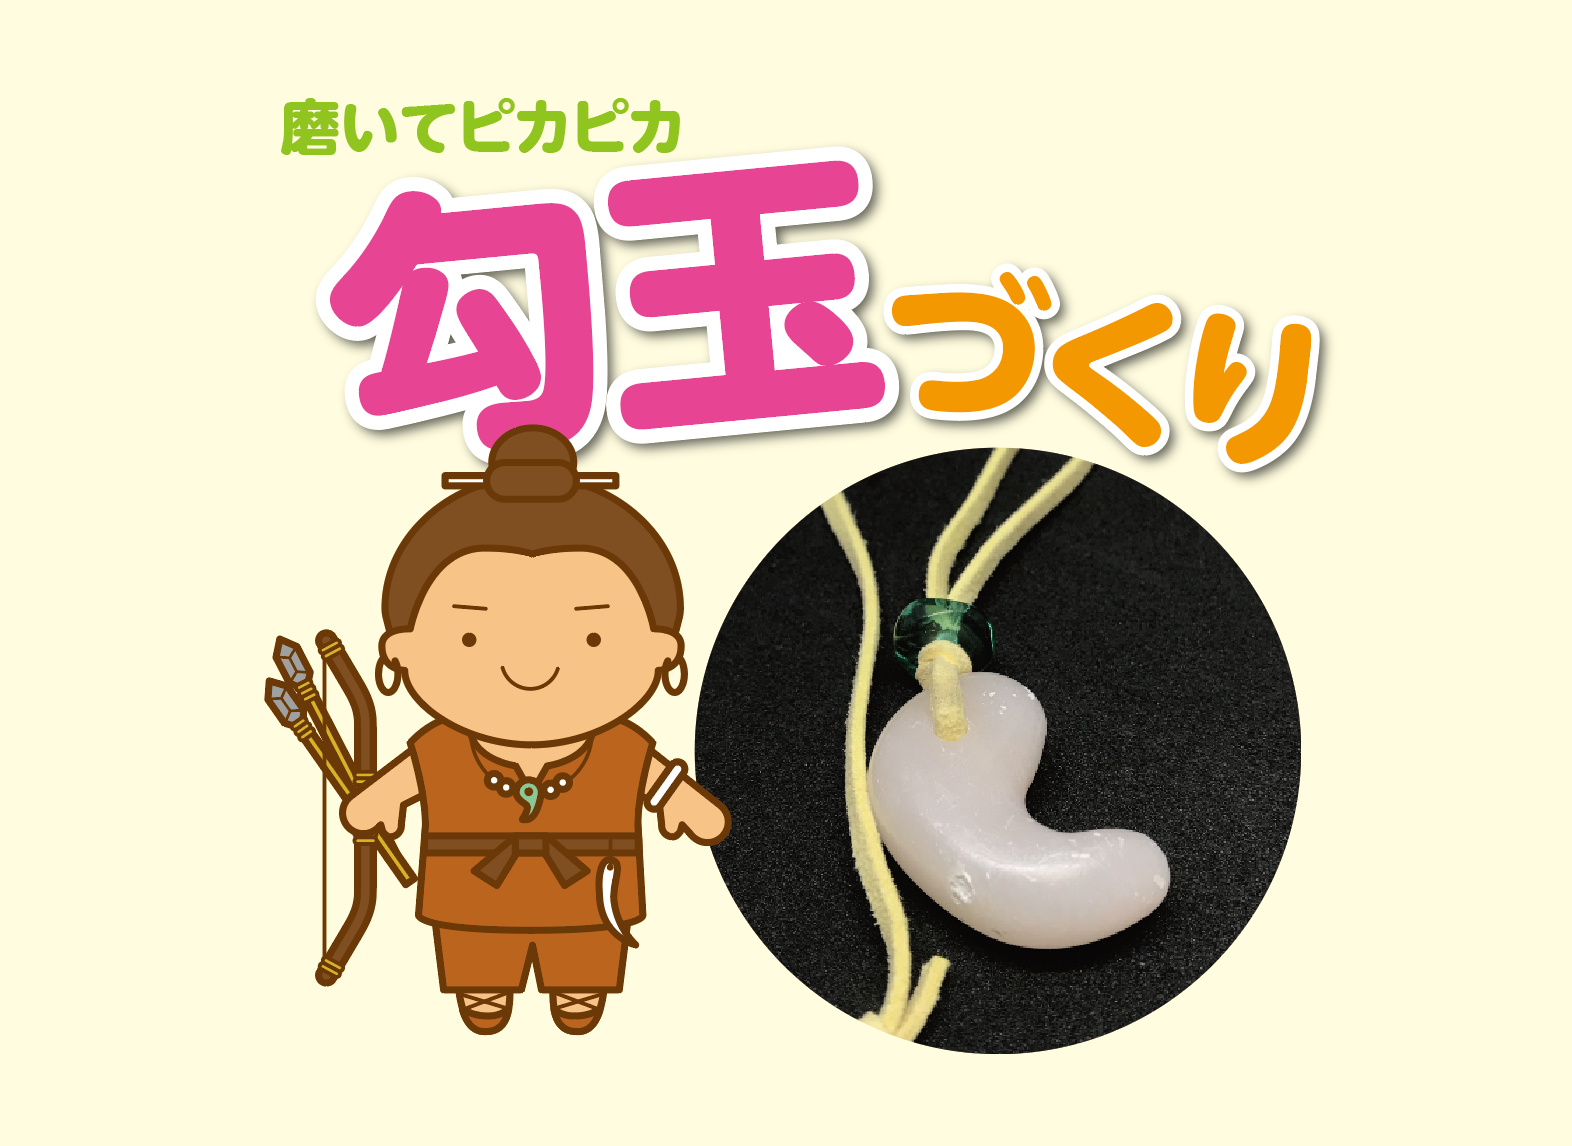 勾玉作り 7/28(水)10:00-12:00